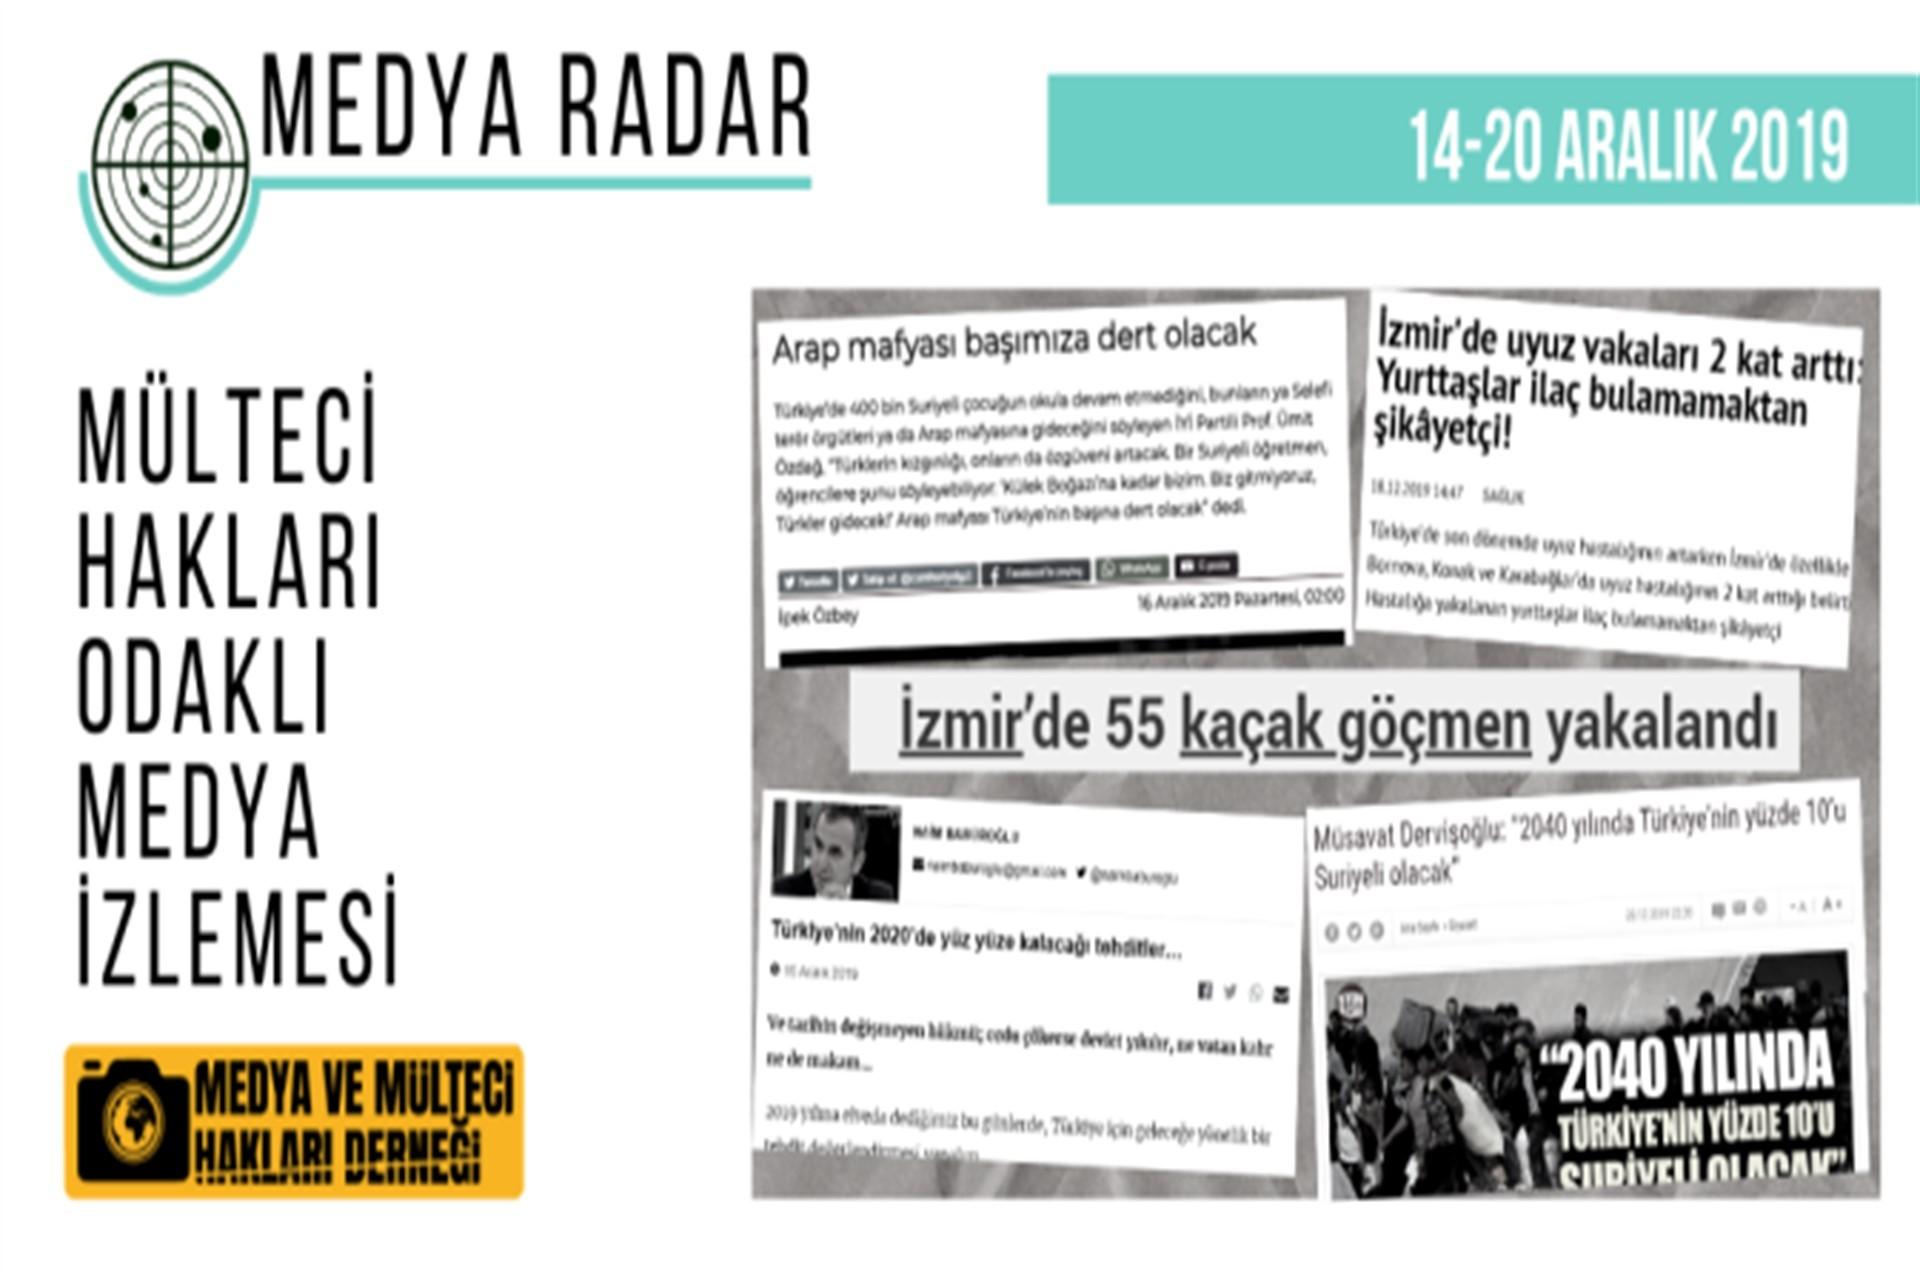 Mülteci Hakları Odaklı Medya İzlemesinin 14-20 Aralık raporu